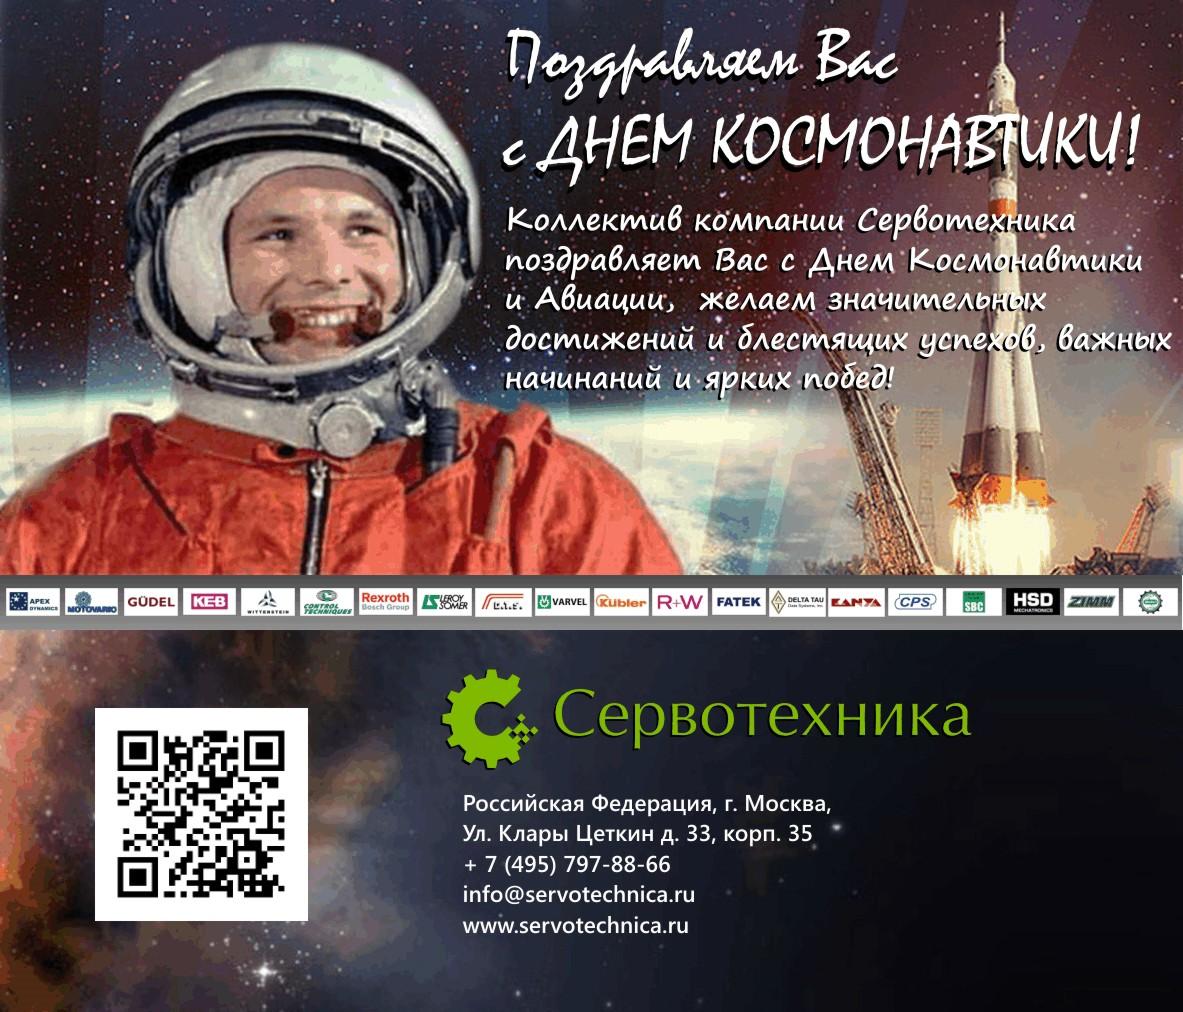 Уважаемые Дамы и Господа, 12 апреля  - Поздравляем Вас с Днем Космонавтики!